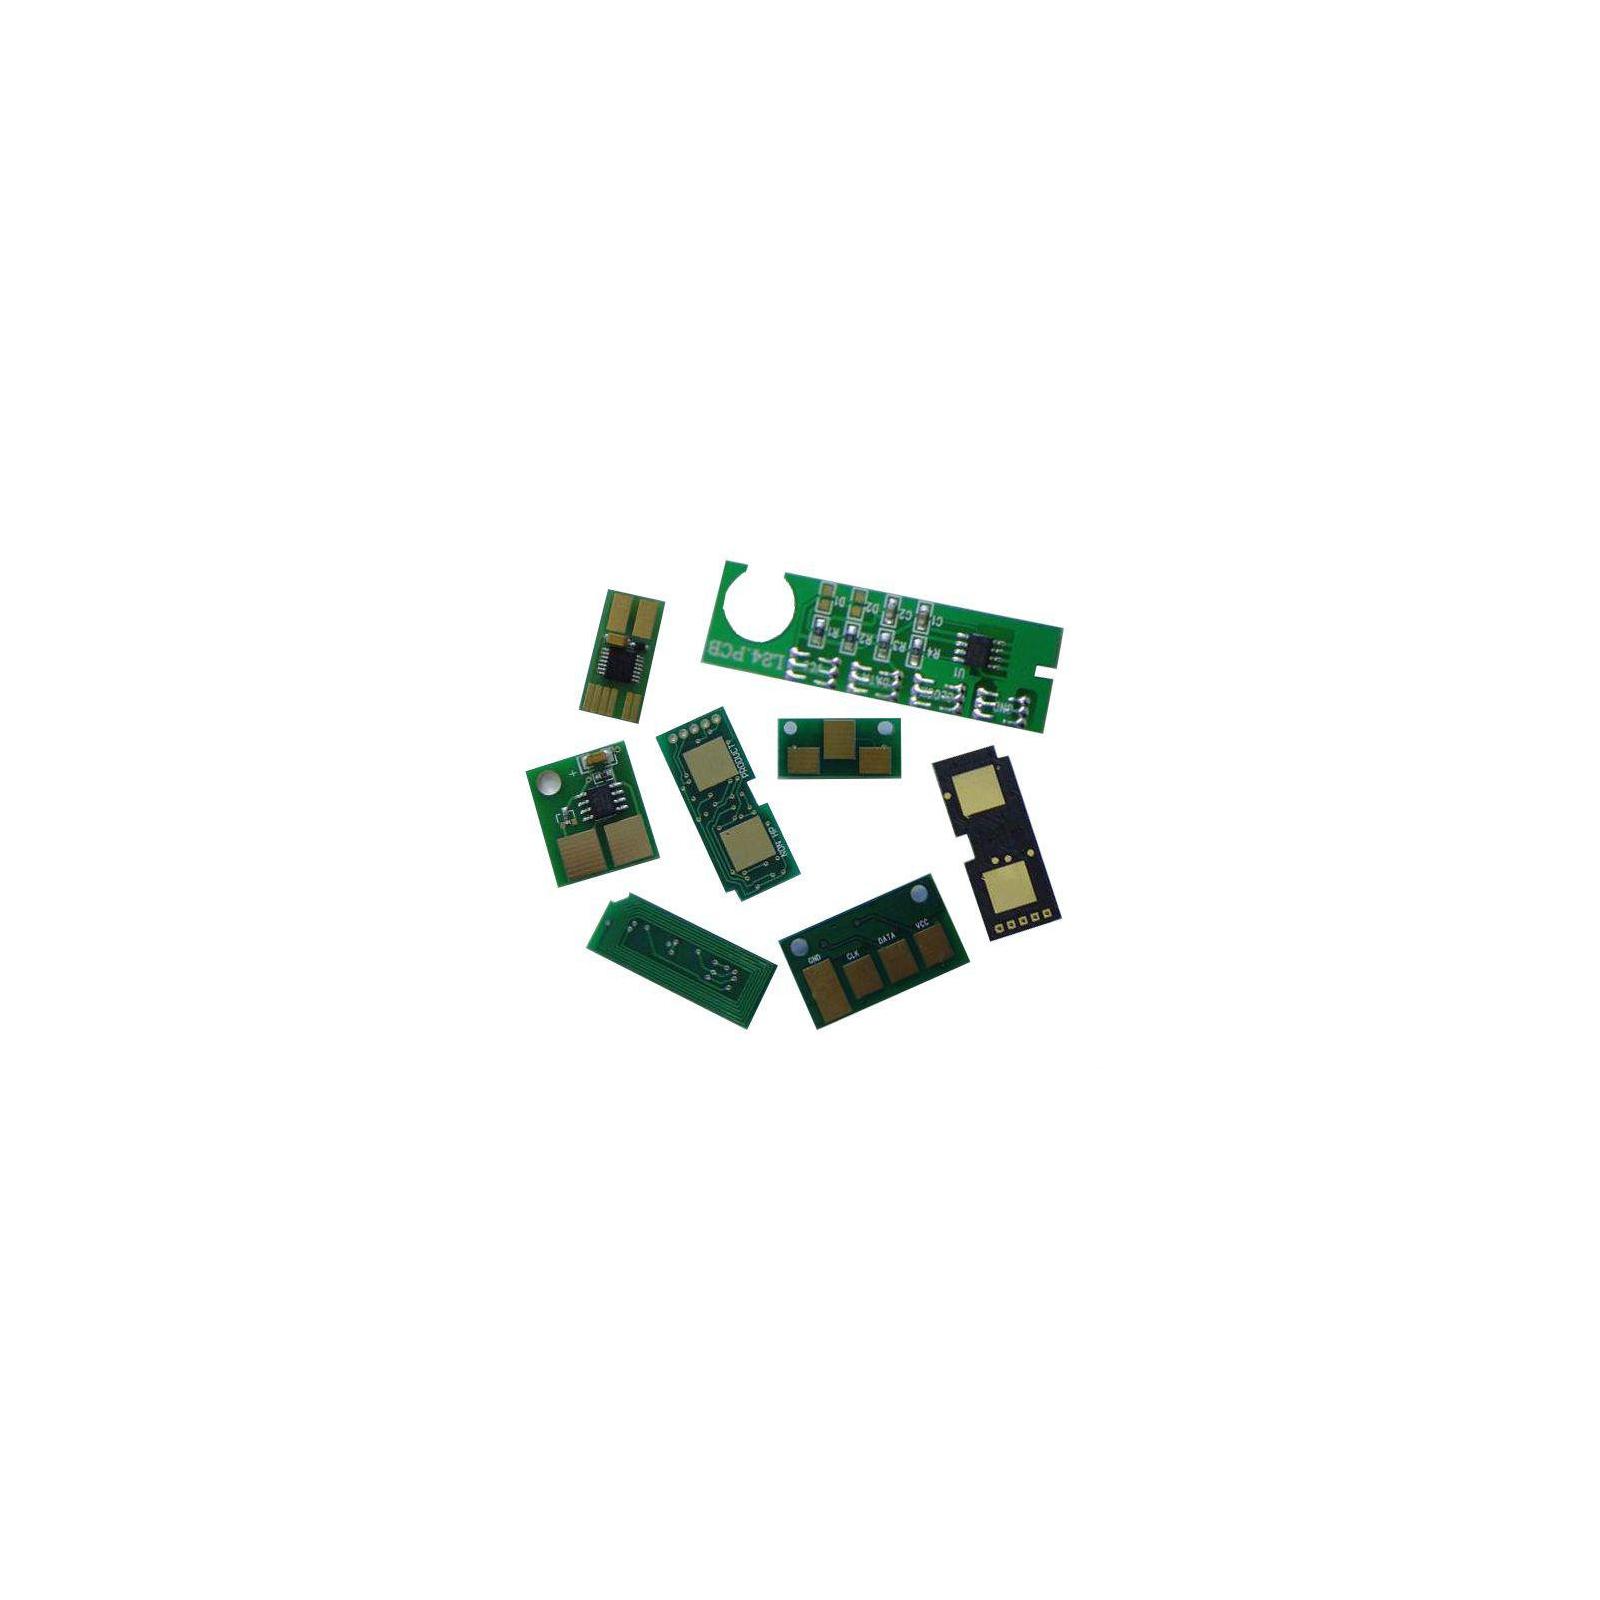 Чип для картриджа EPSON T2992 29XL ДЛЯ XP-235/335 CYAN Apex (CHIP-EPS-T2992-C)